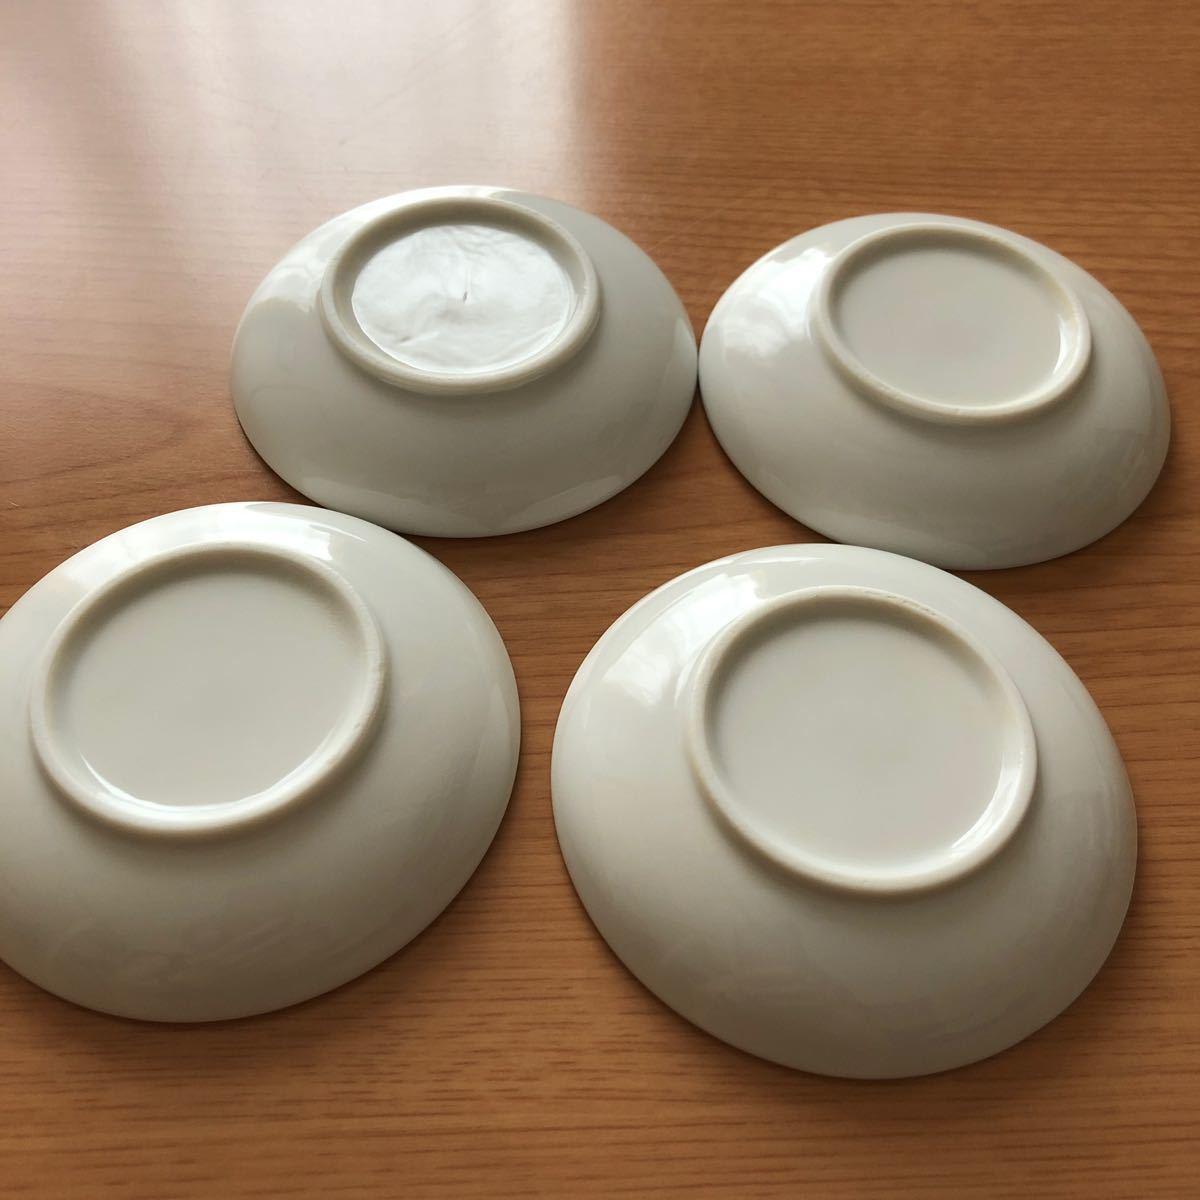 小皿4枚セット